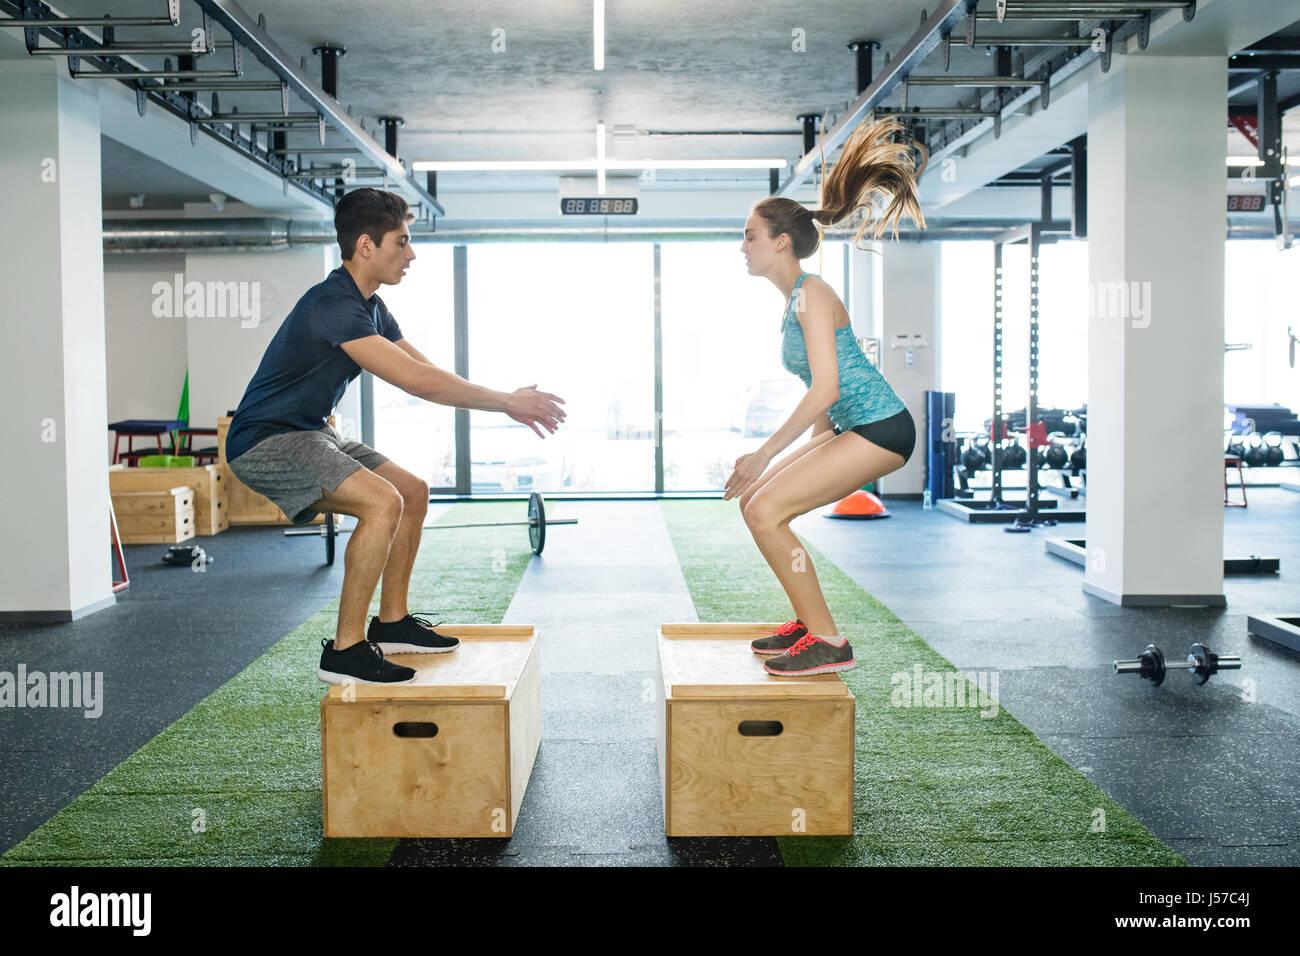 Young passen paar Training im Fitness-Studio, Feld Sprünge zu tun. Stockbild